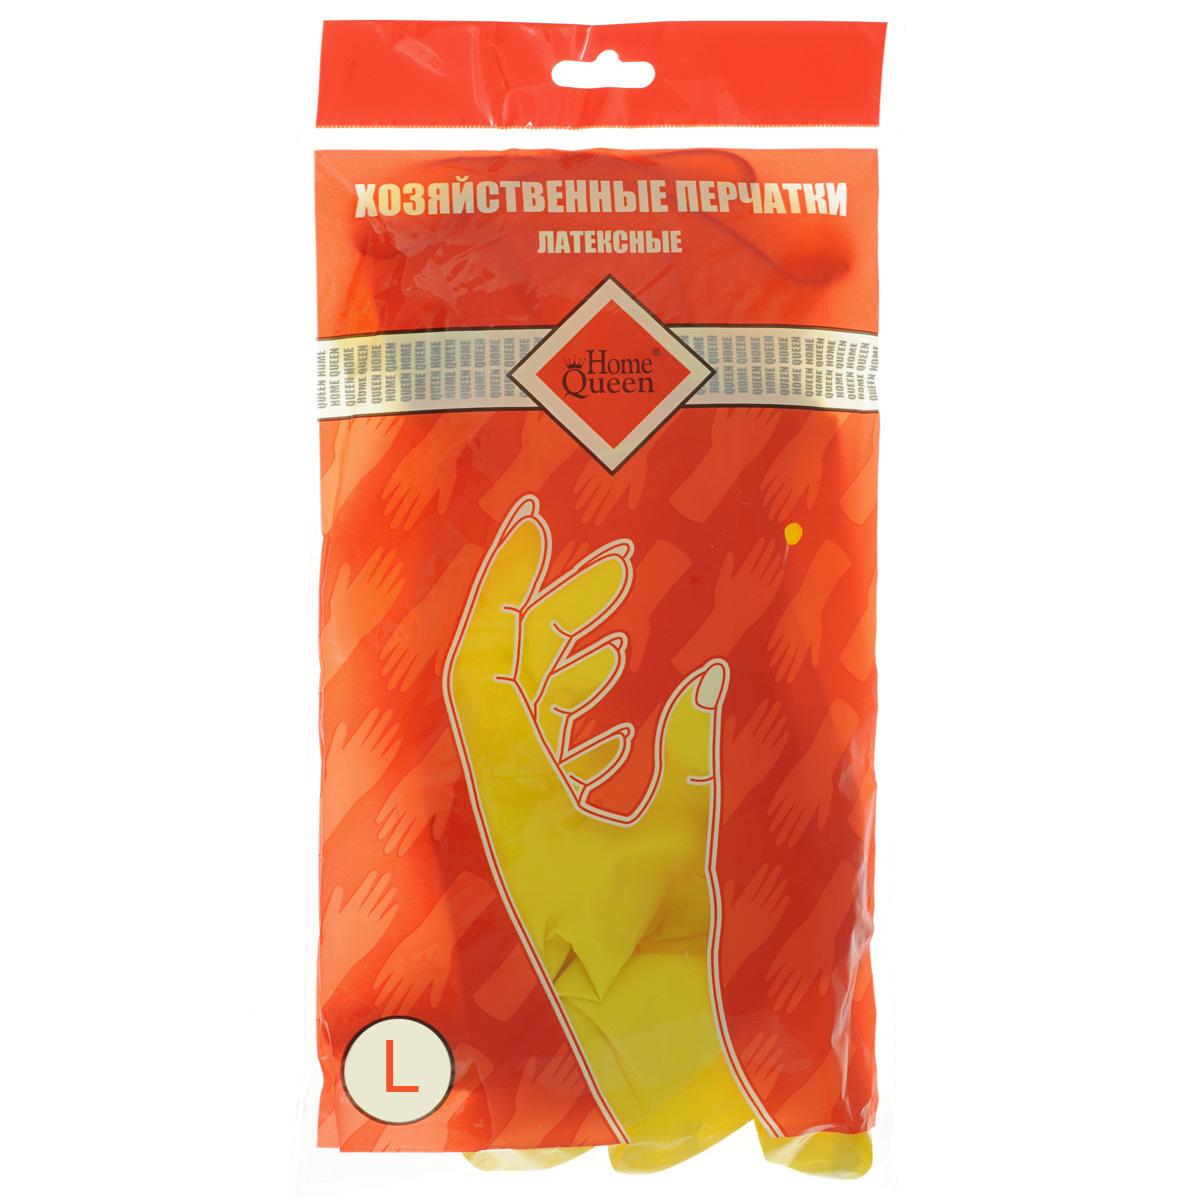 Перчатки латексные Home Queen. Размер L48LПерчатки Home Queen защитят ваши руки от воздействия бытовой химии и грязи. Подойдут для всех видов хозяйственных работ. Выполнены из латекса.